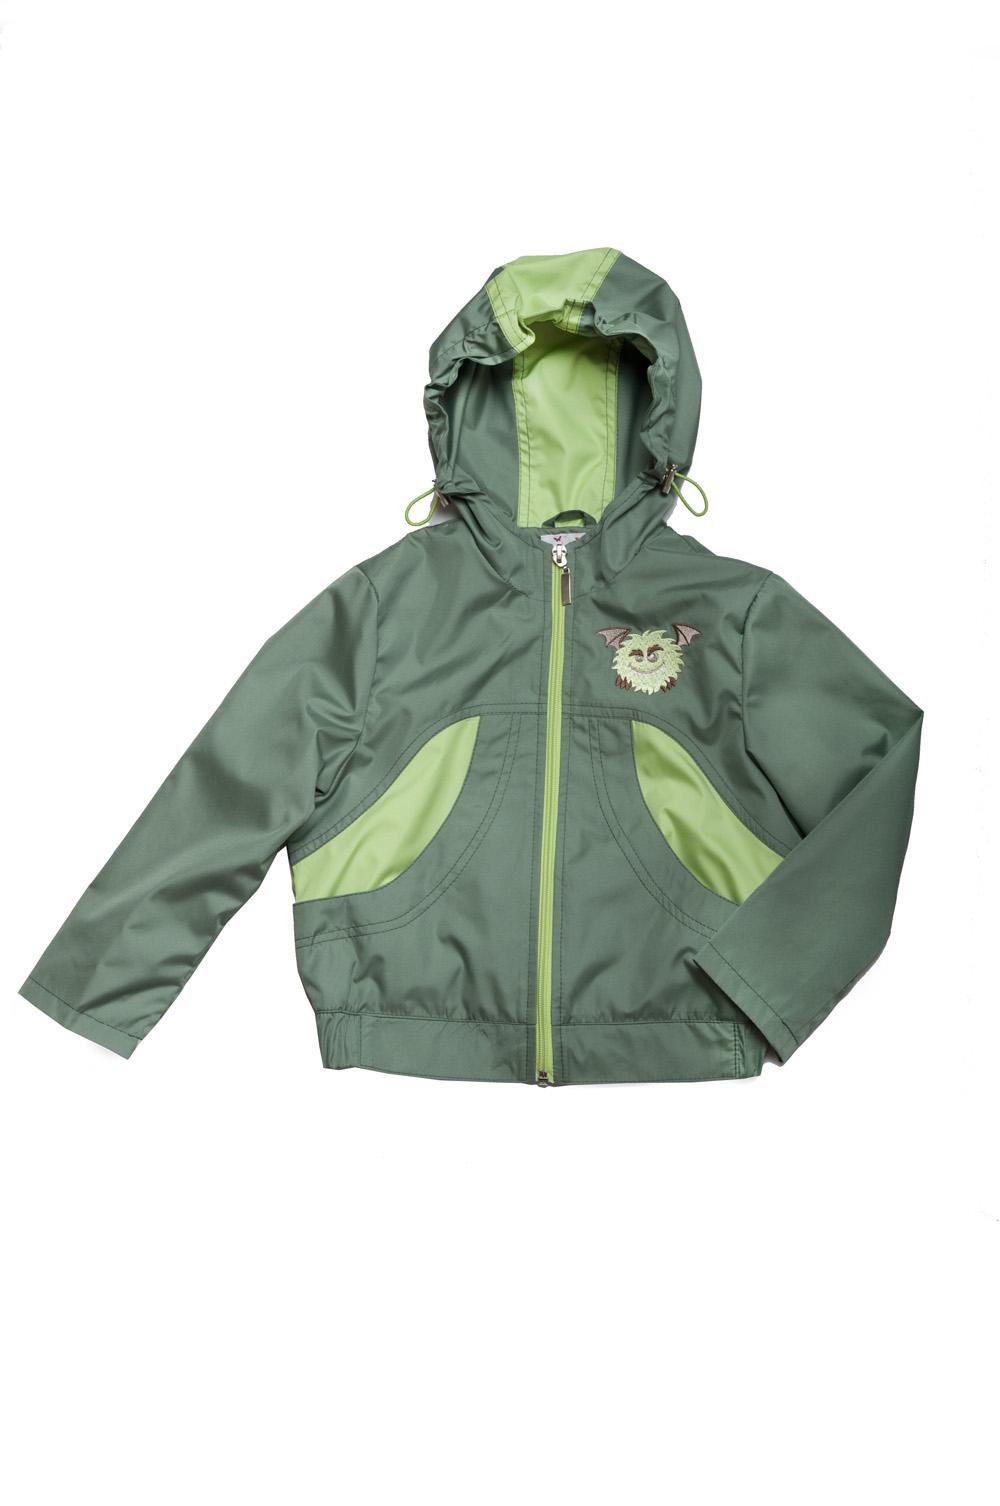 Куртки ветровки детские 2